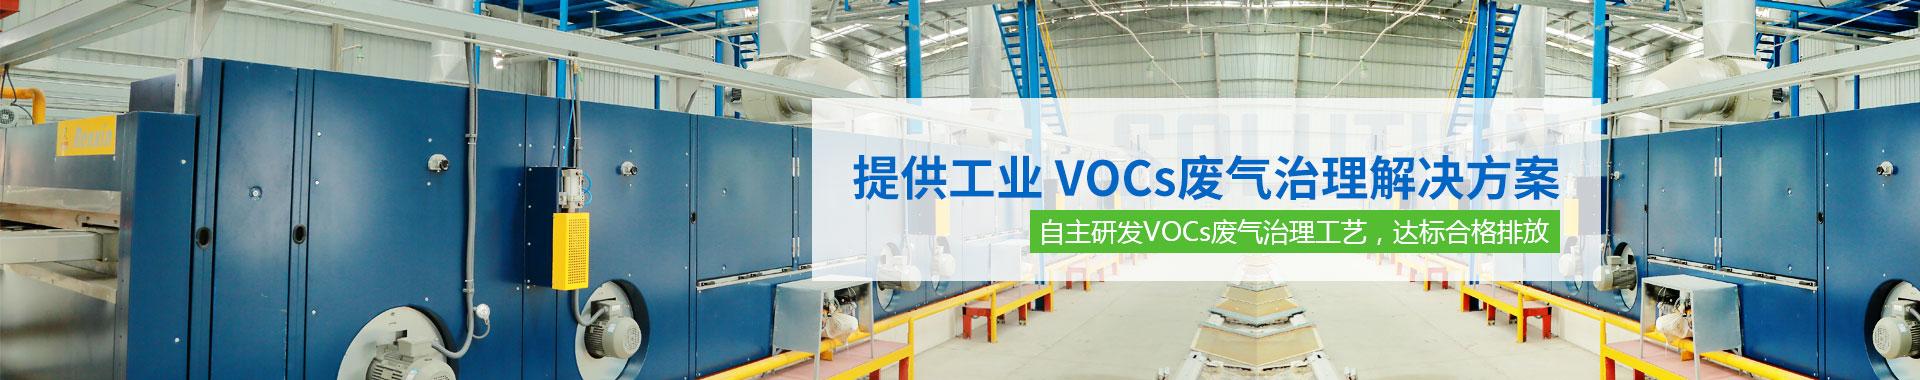 保蓝机械-提供工业 VOCs废气治理解决方案